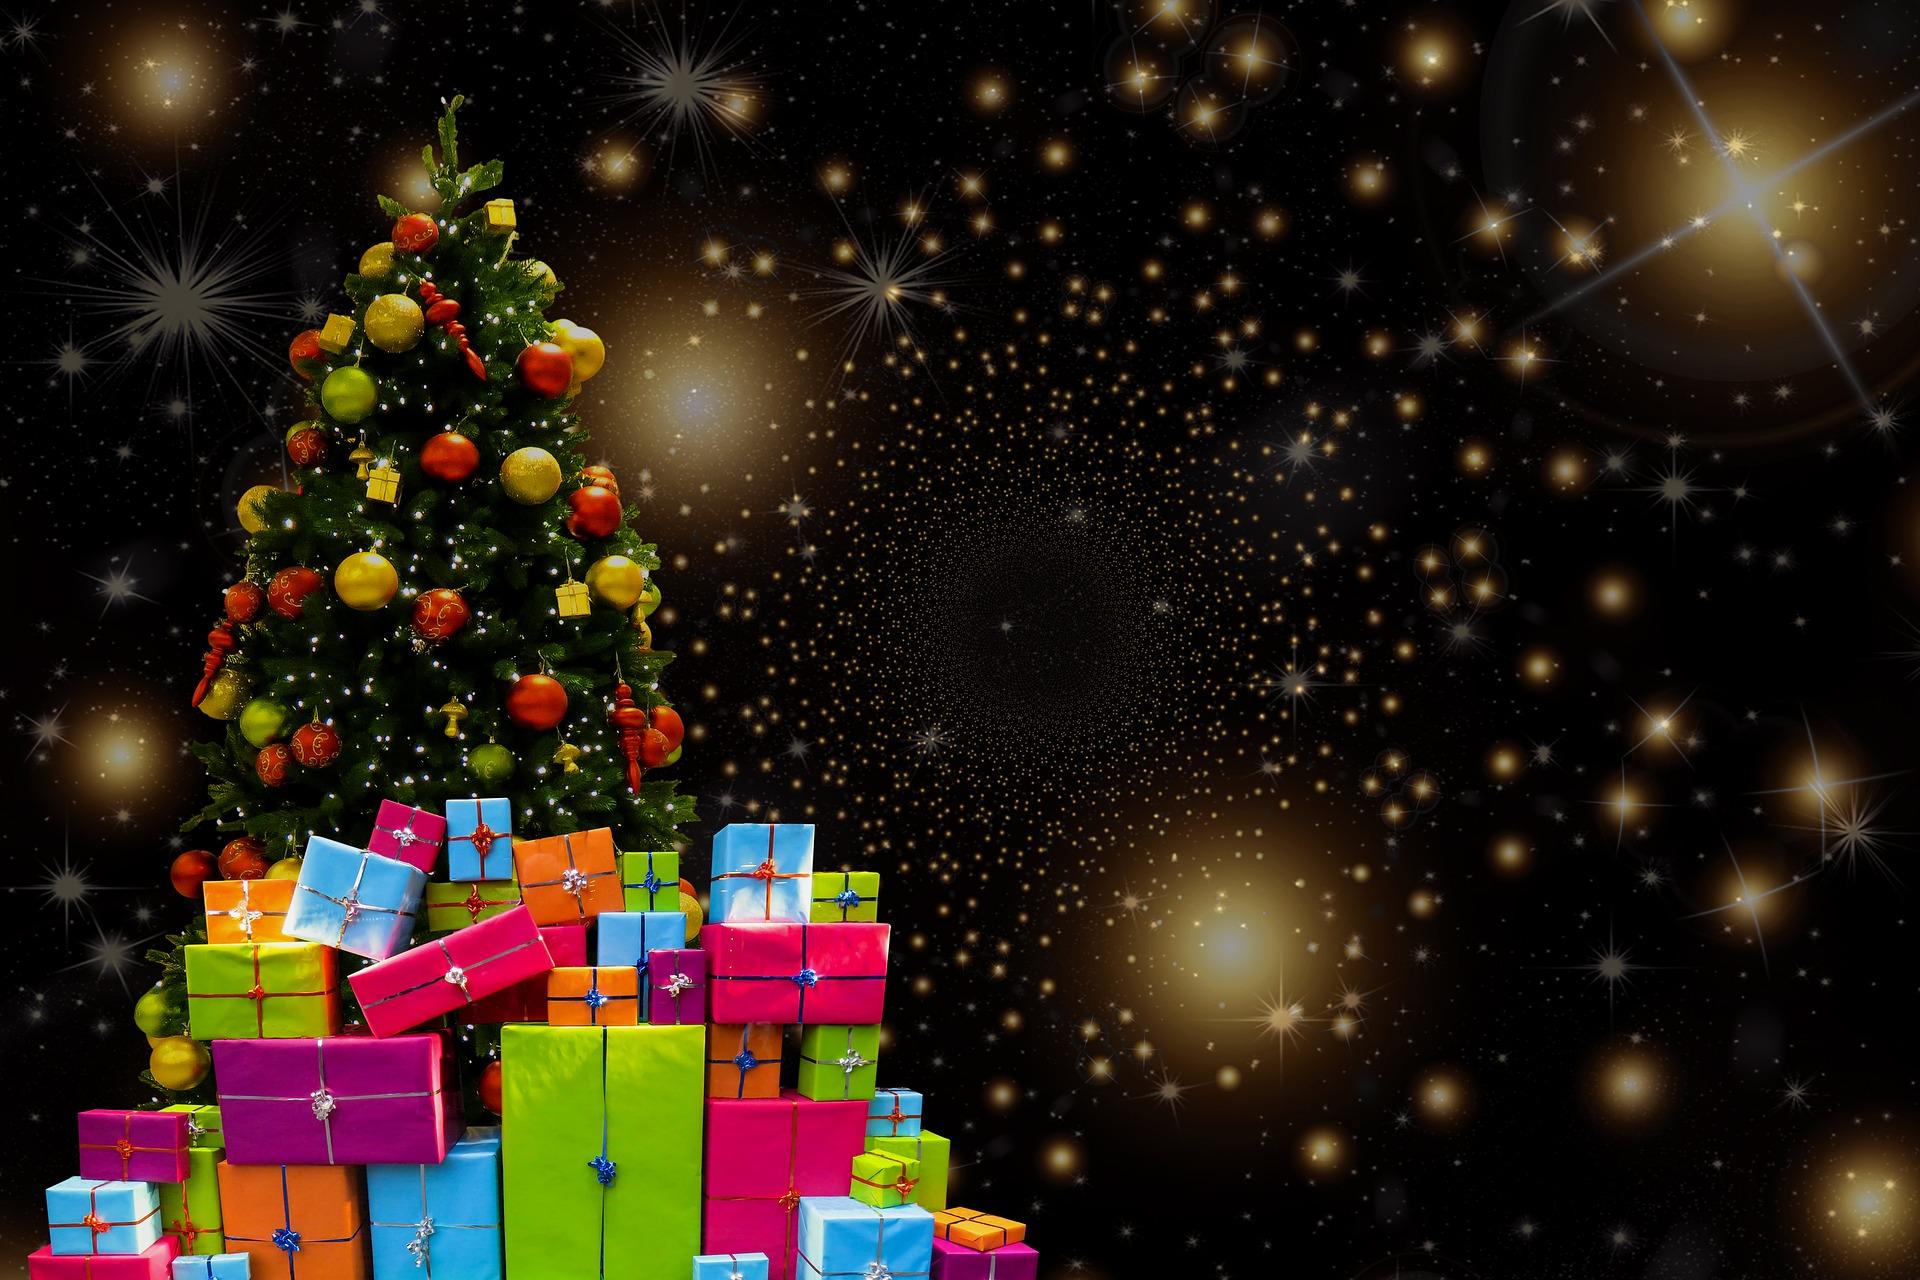 Weihnachtsgeschenke Keine Idee.Noch Keine Idee Für Weihnachtsgeschenke 5 Gute Gründe Für